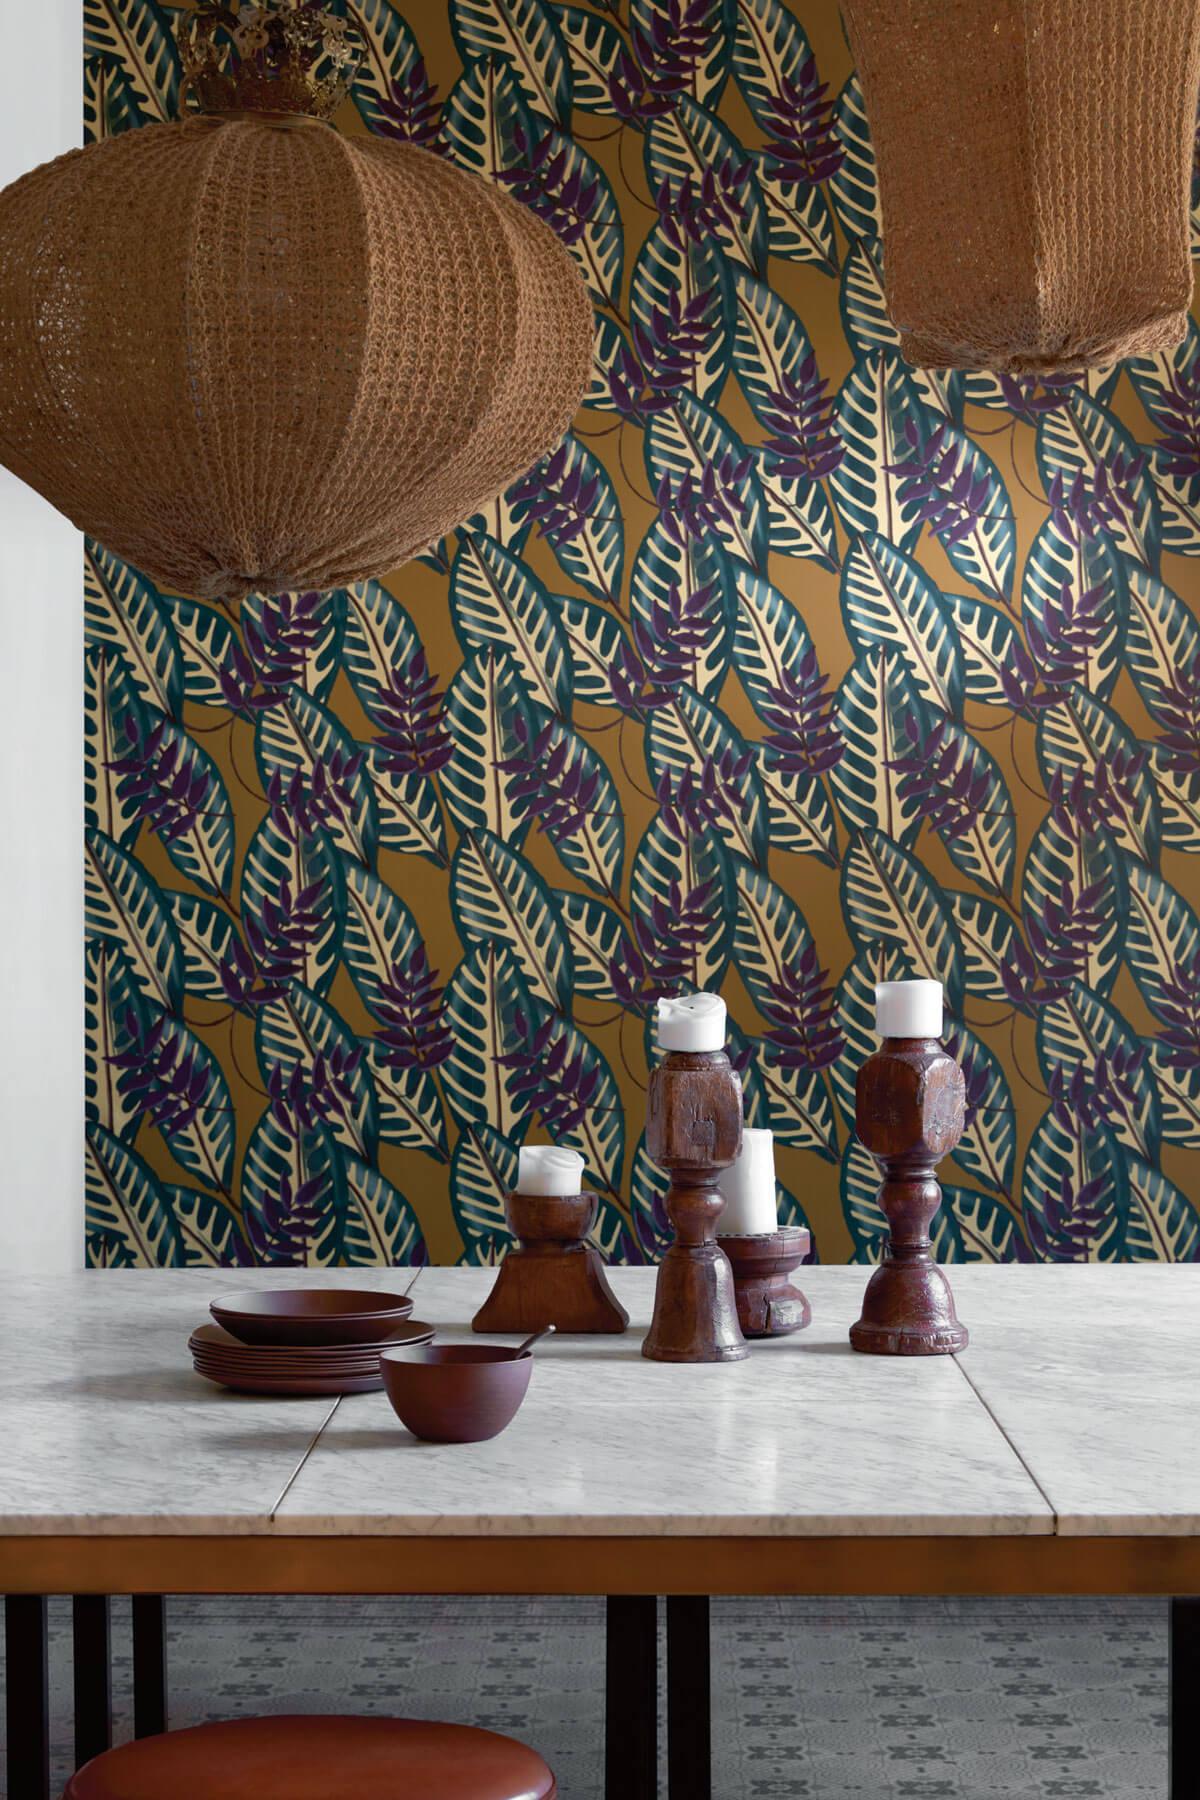 papiers peints albi castres delzongle séguret décoration conseil décor maison de la peinture